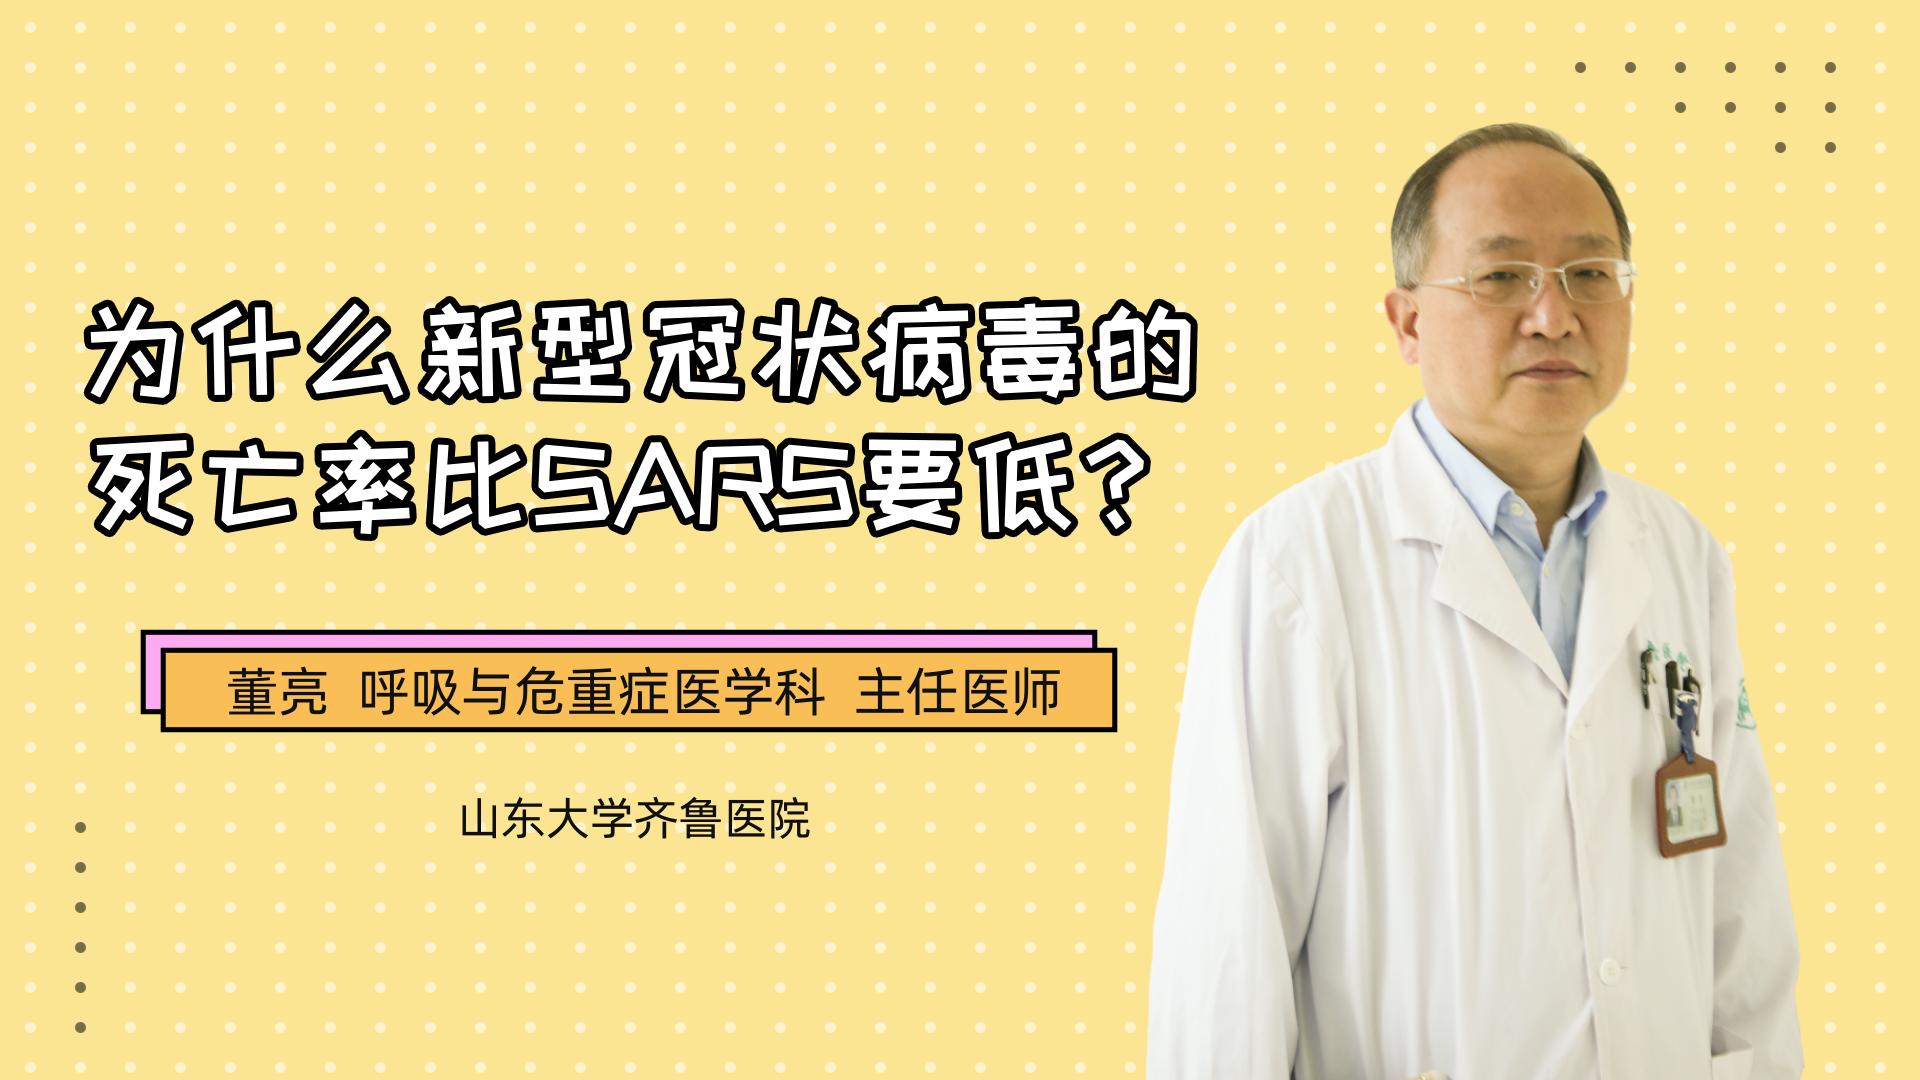 为什么新型冠状病毒的死亡率比SARS低